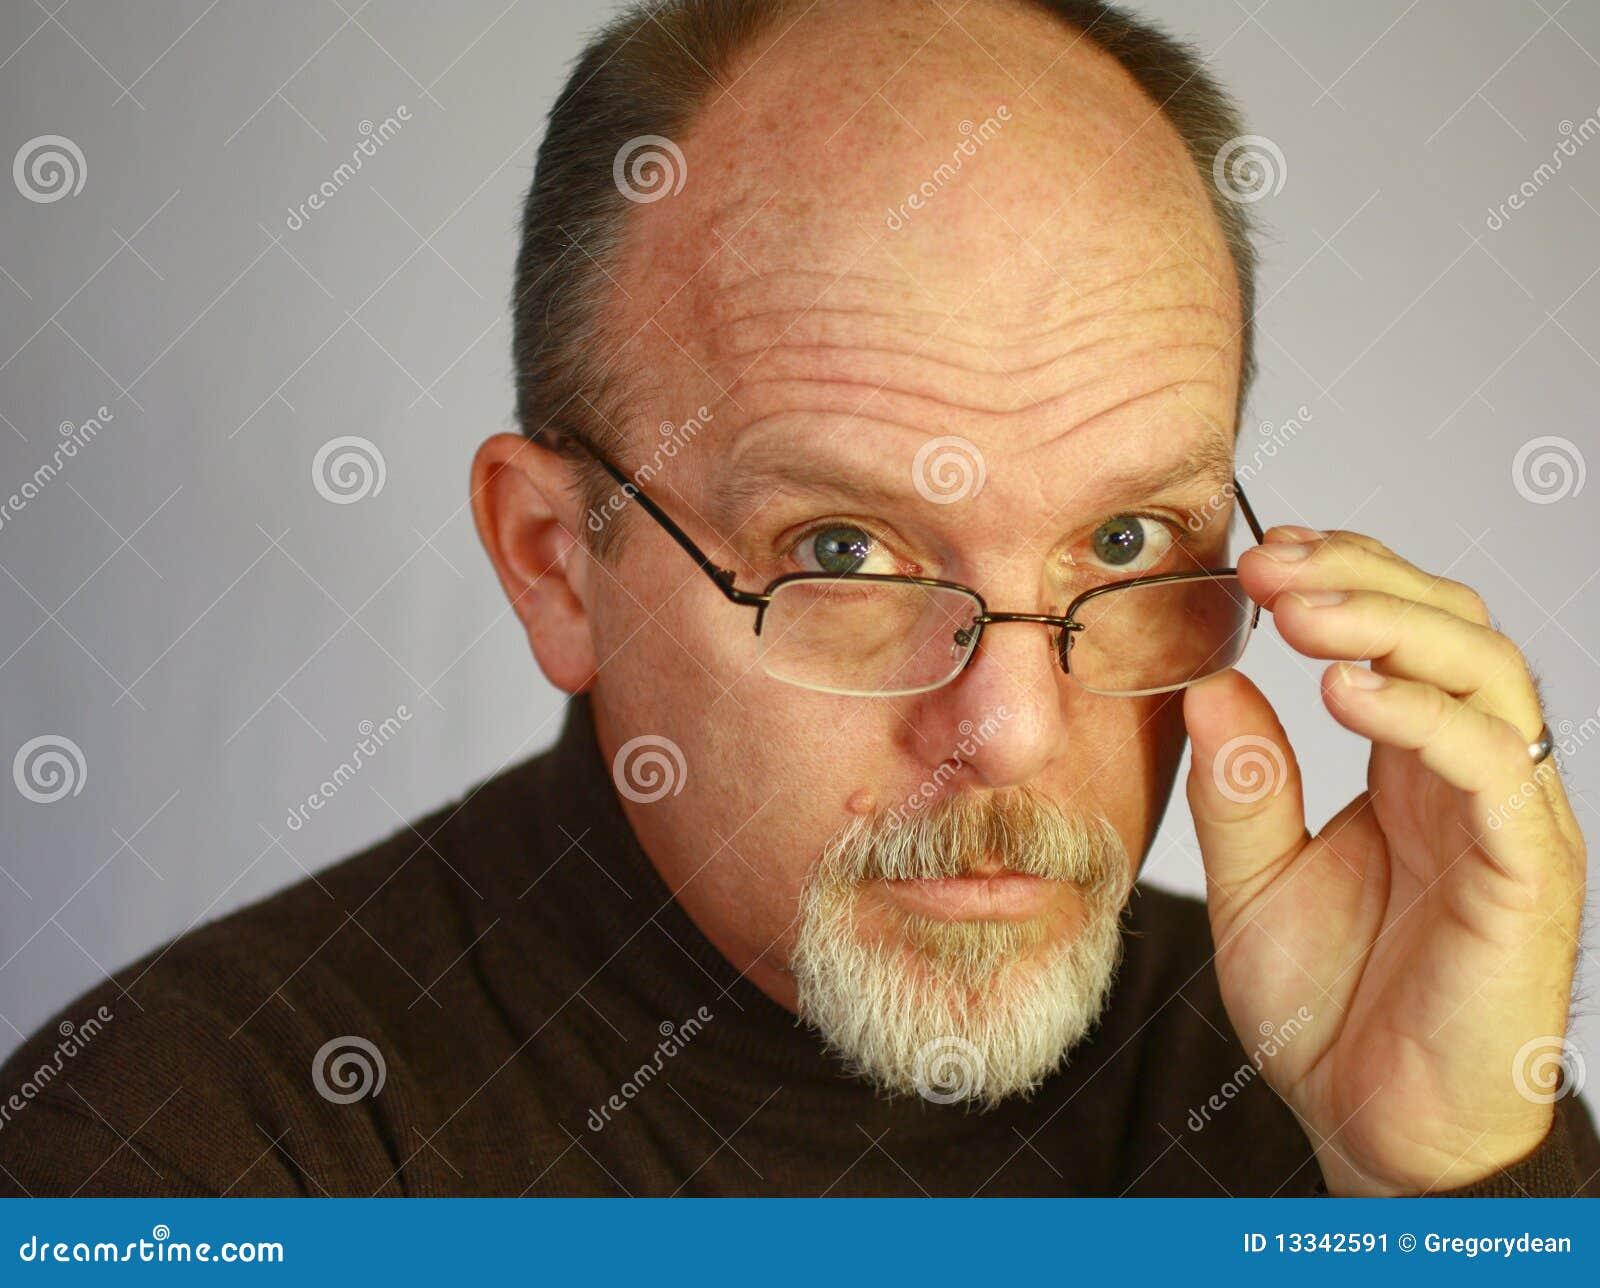 Фото лысый парень в очках 8 фотография